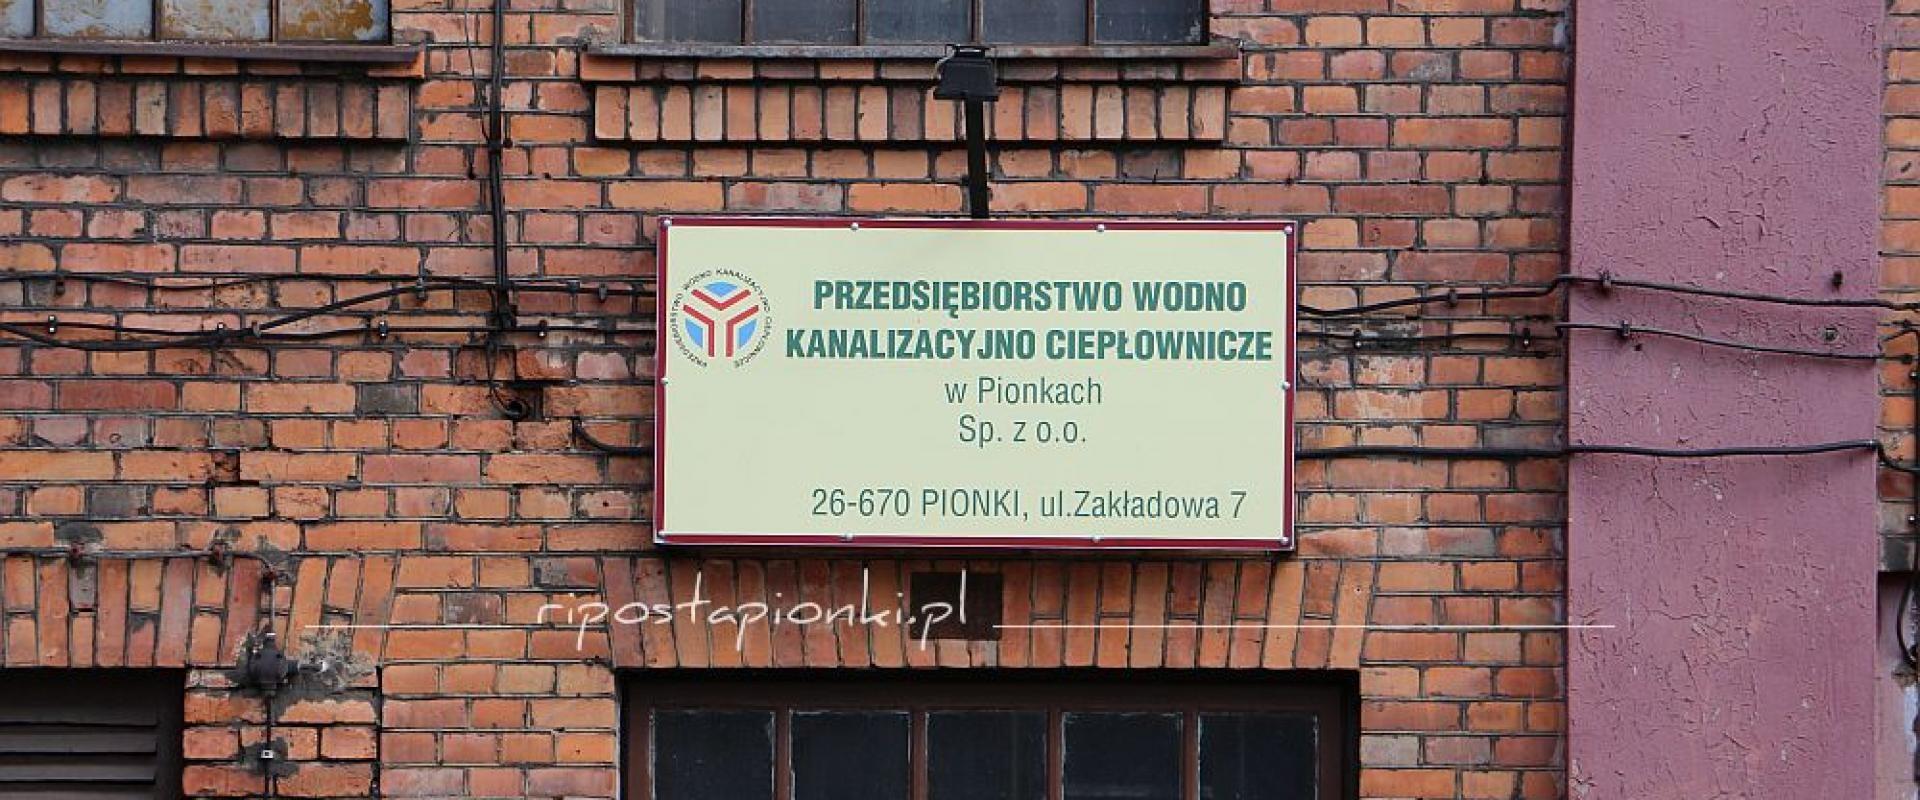 Rada nadzorcza PWKC odwołana